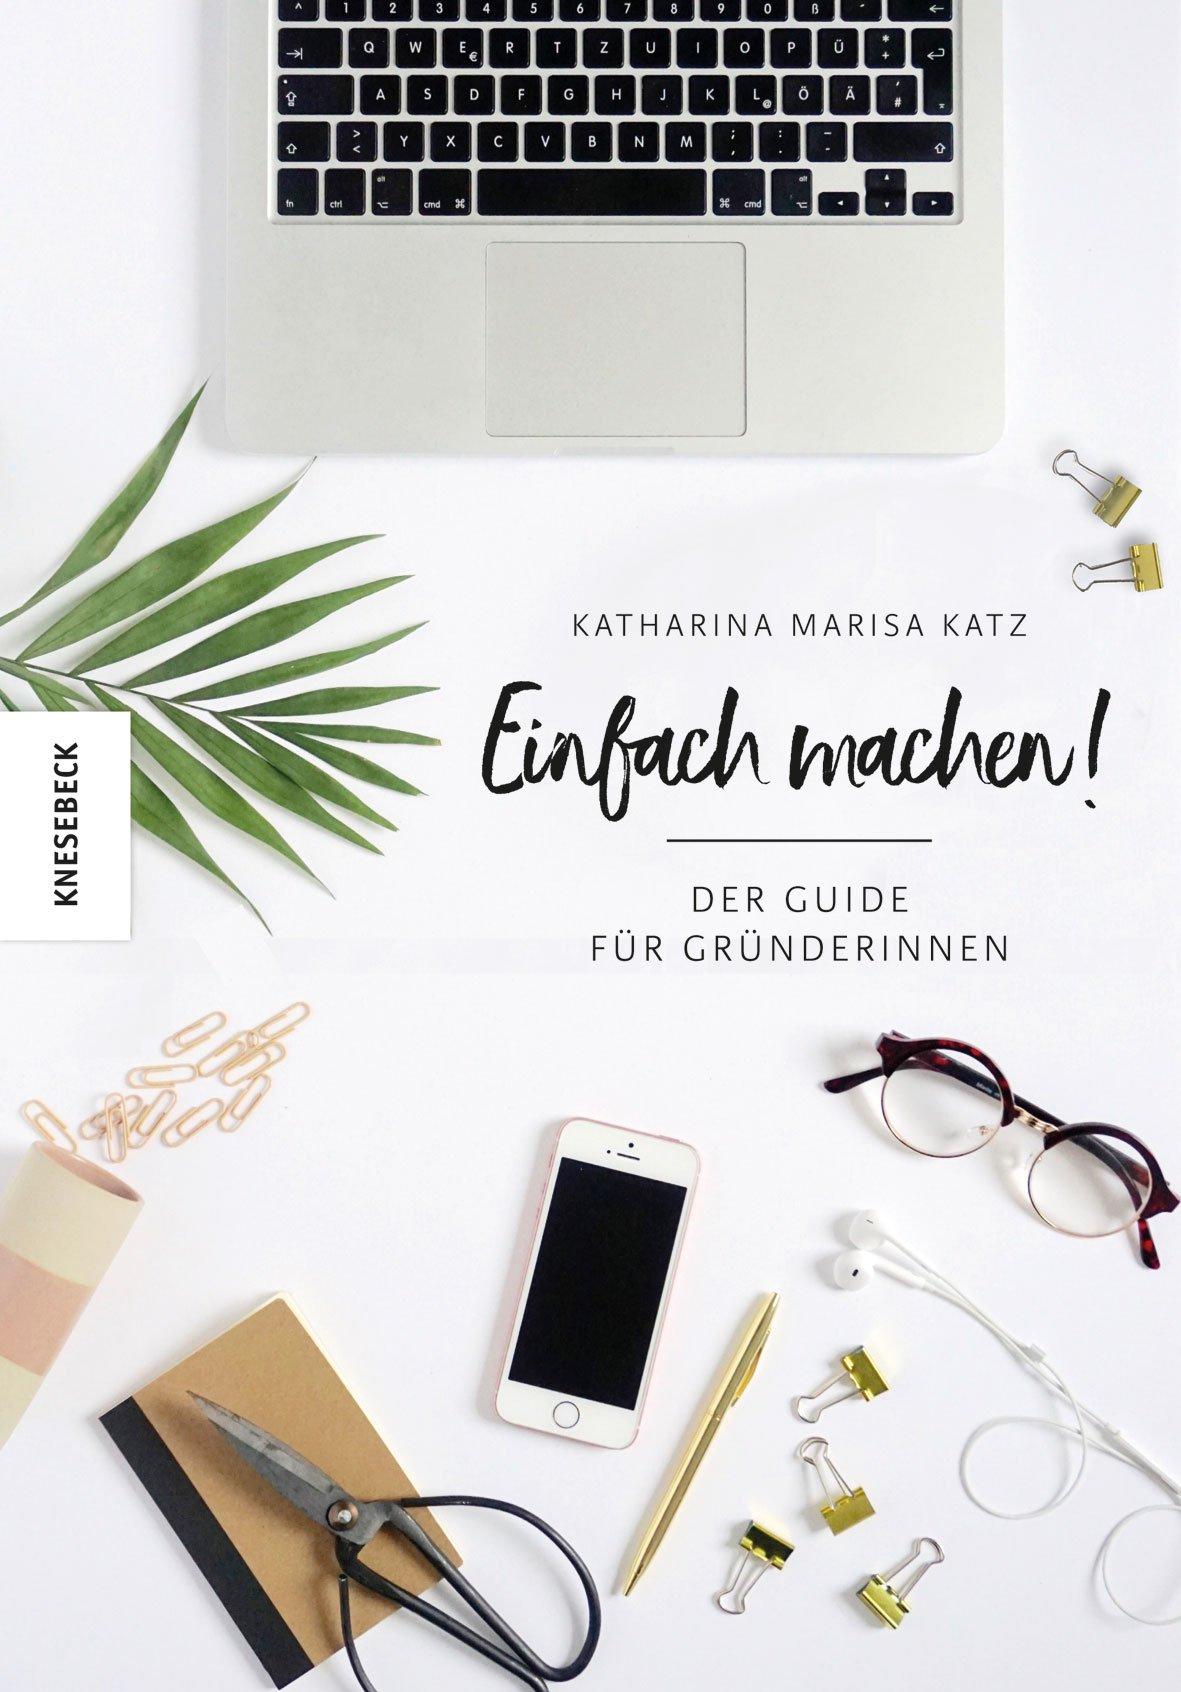 Einfach machen! - Buchtipp für Gründerinnen